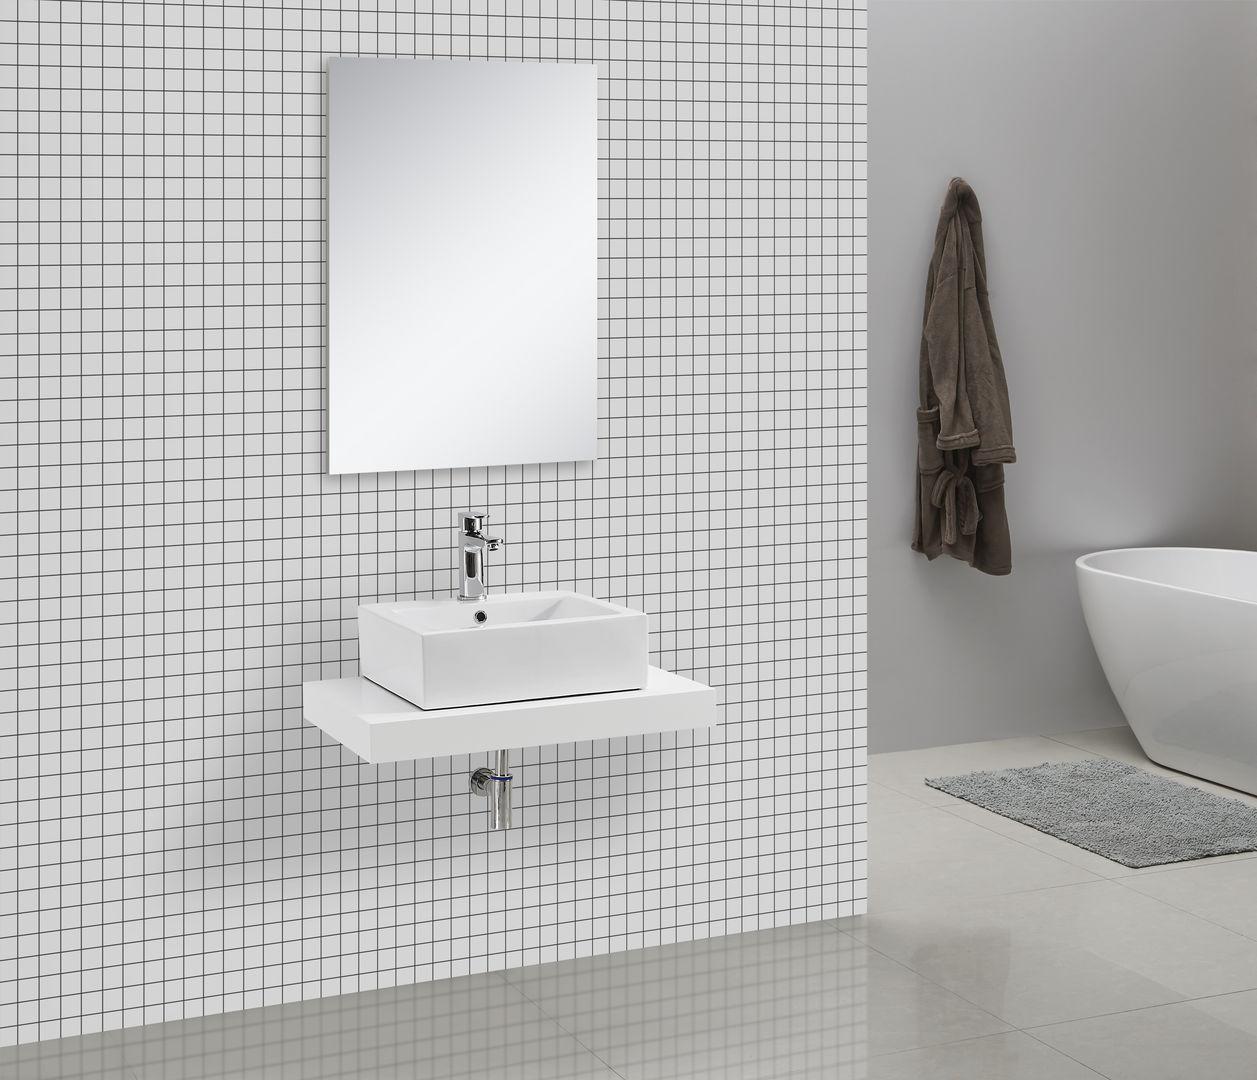 Waschtischkonsole CADENA 75 x 50 cm, Echtholz (weiß)